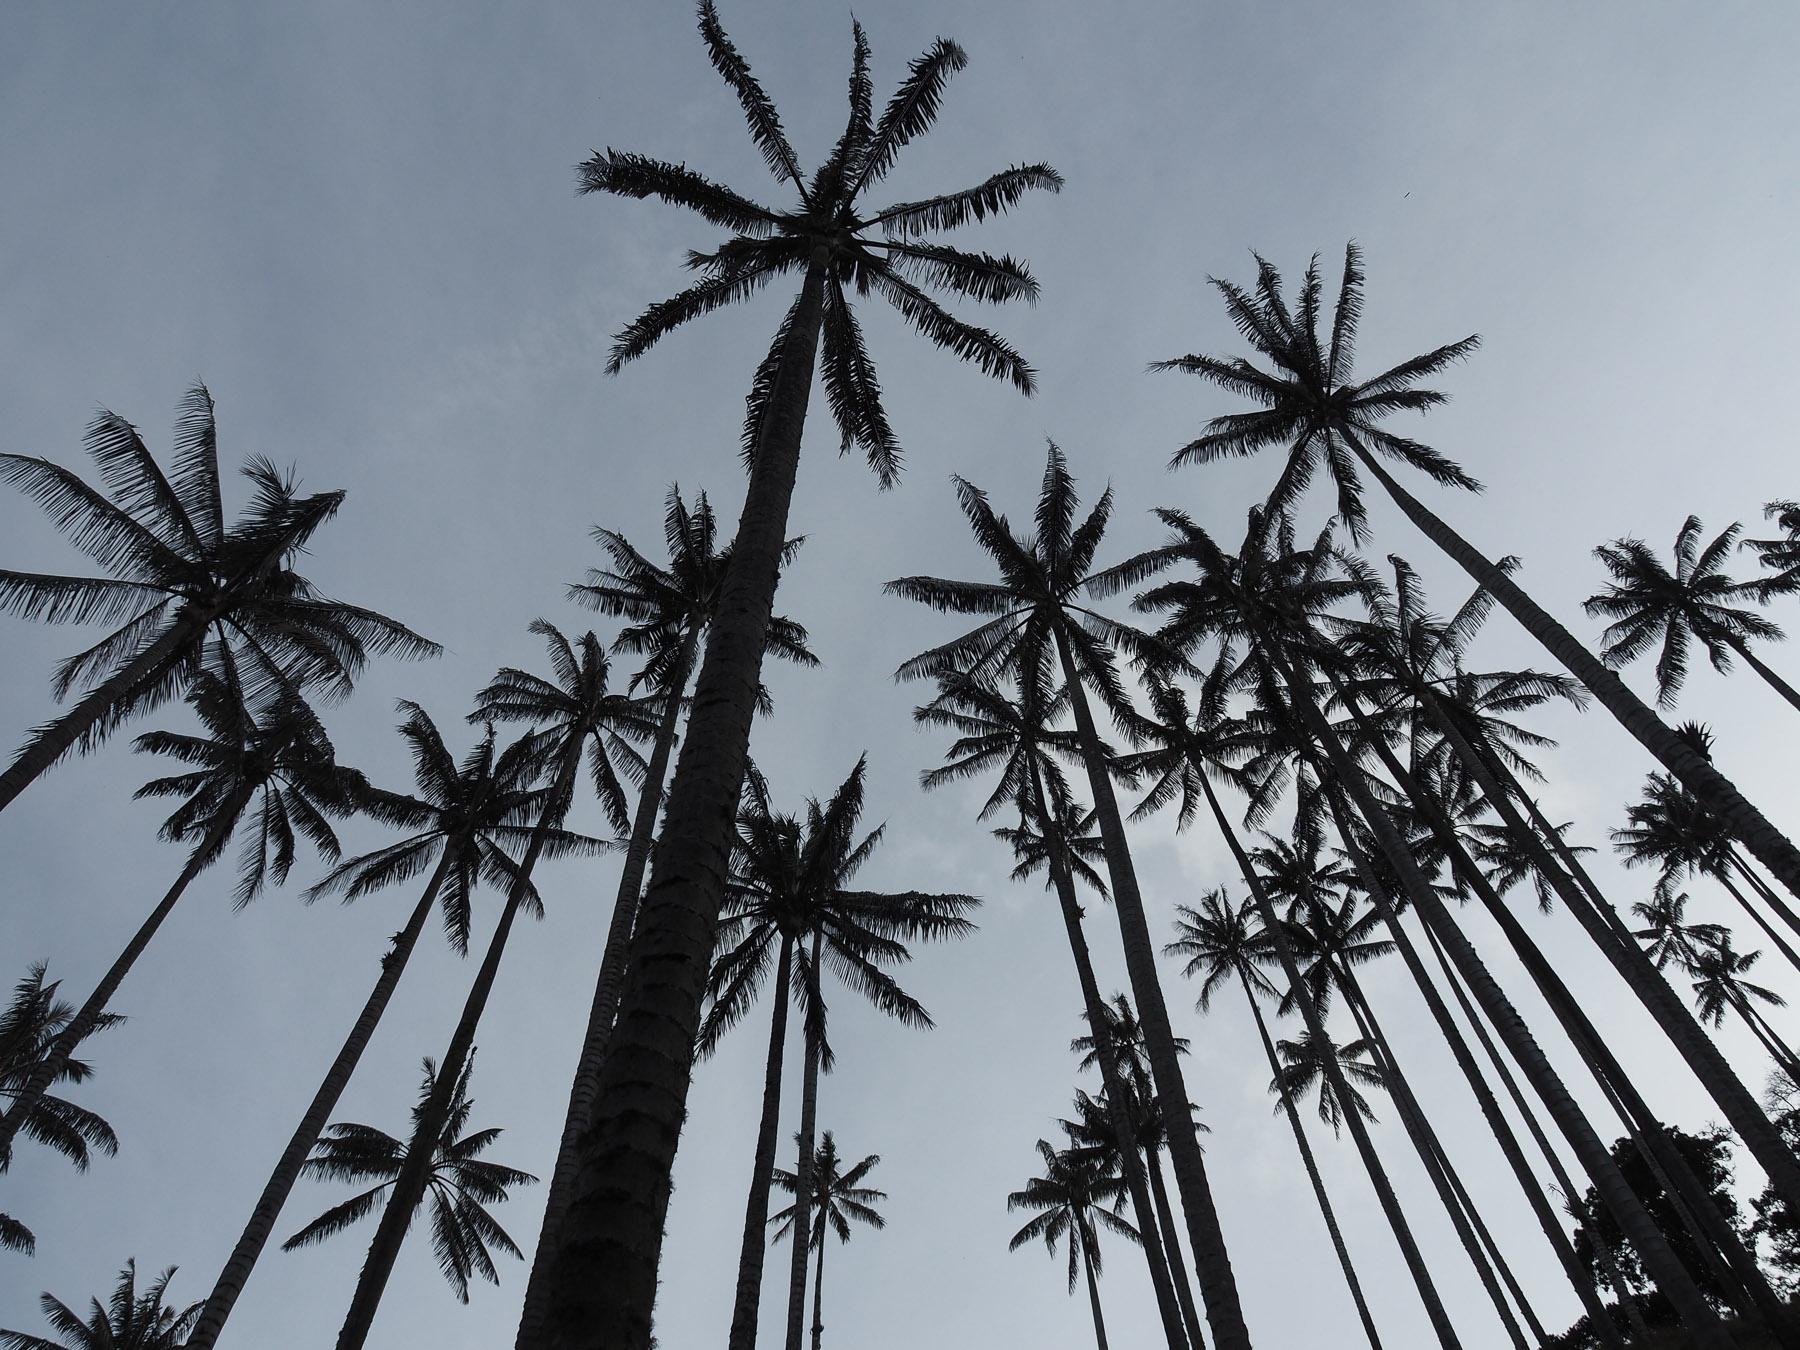 Die höchsten Palmen der Welt – bis zu 60 m hoch